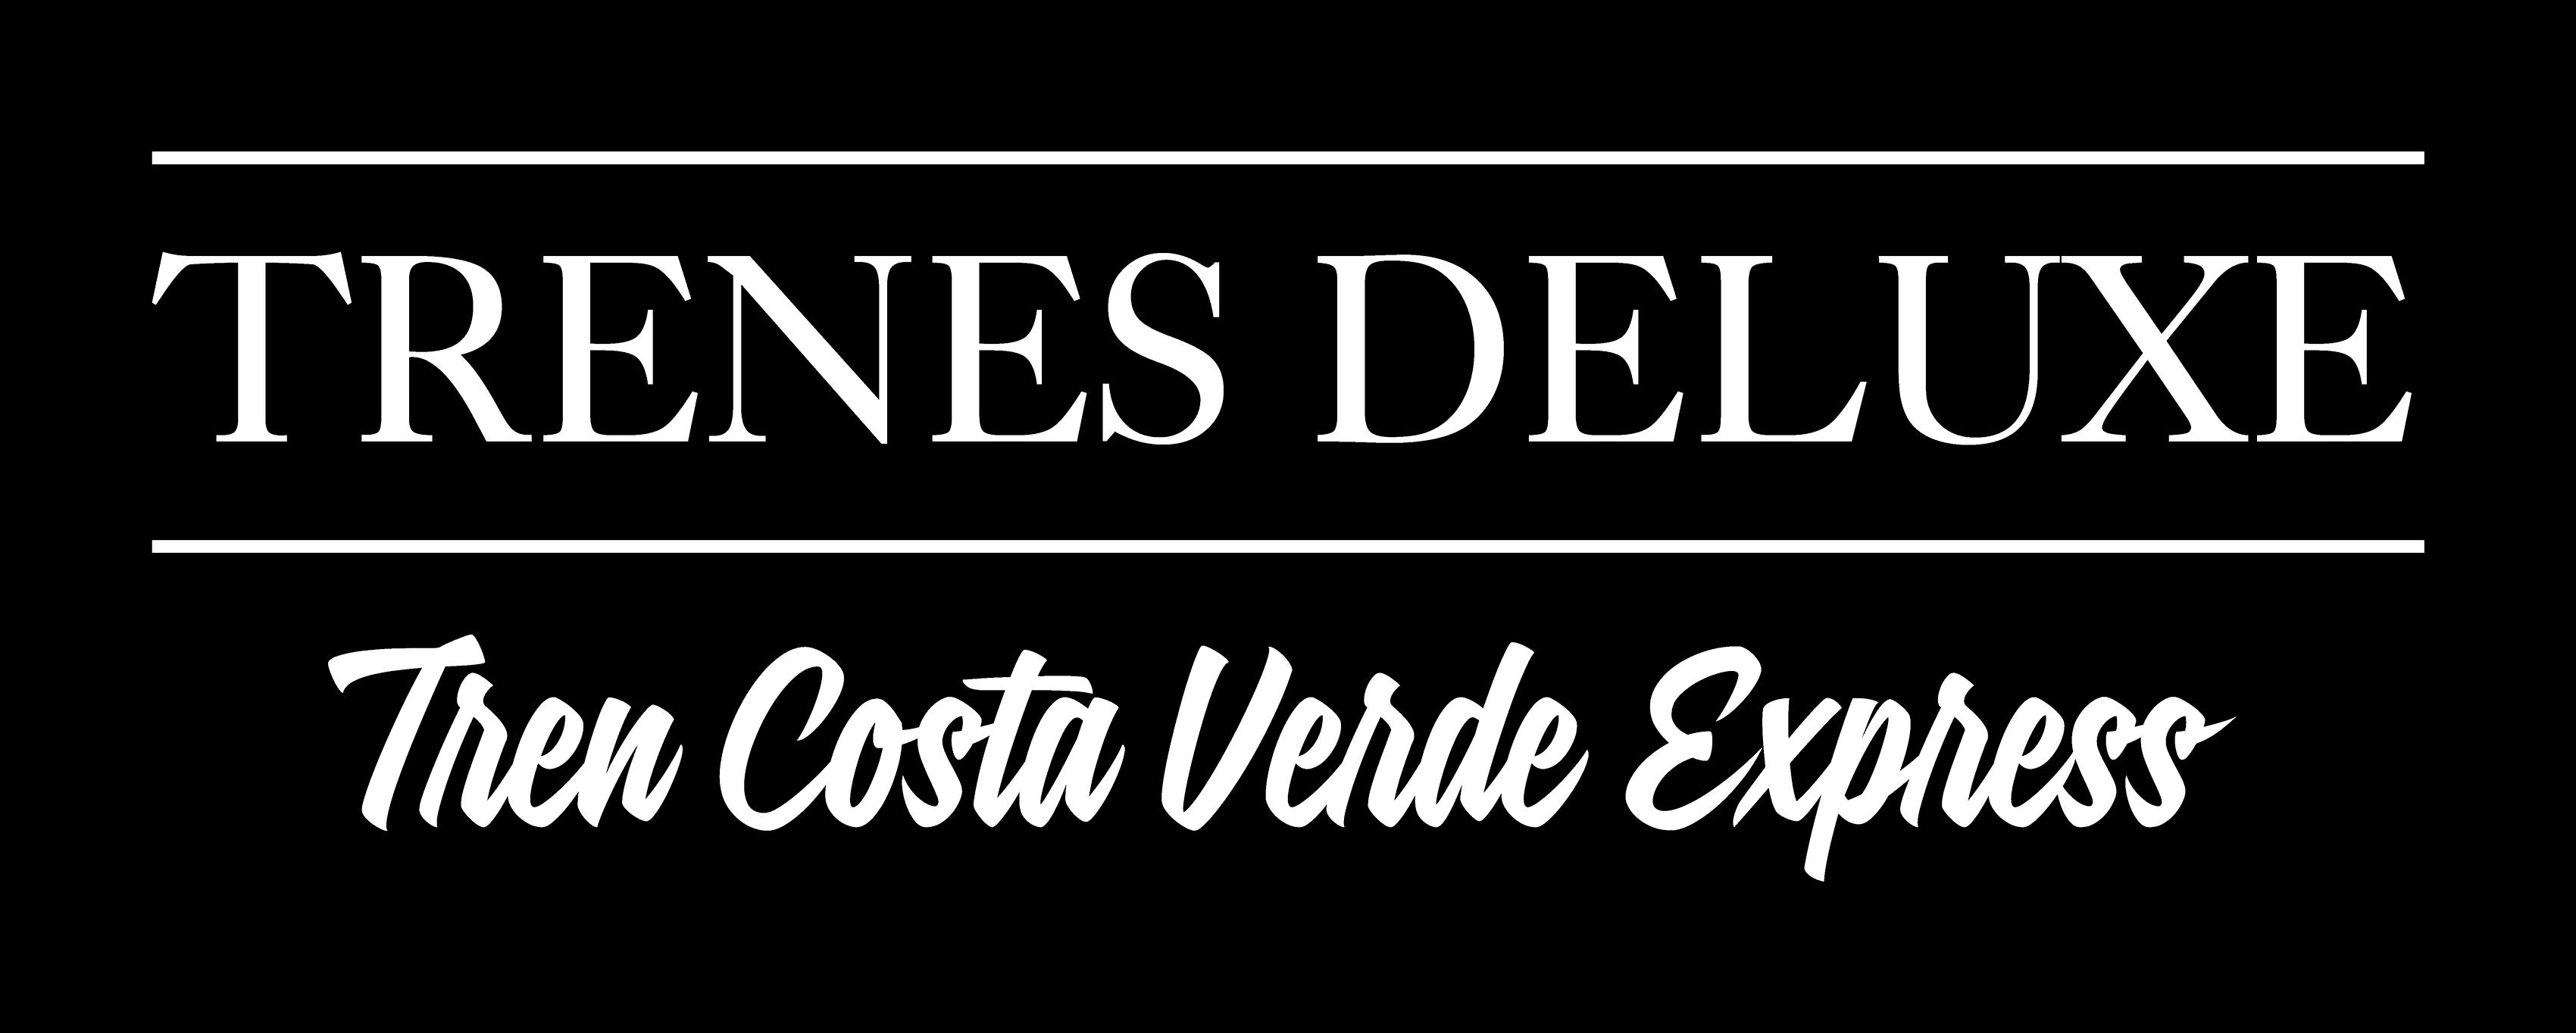 Tren Costa Verde Express